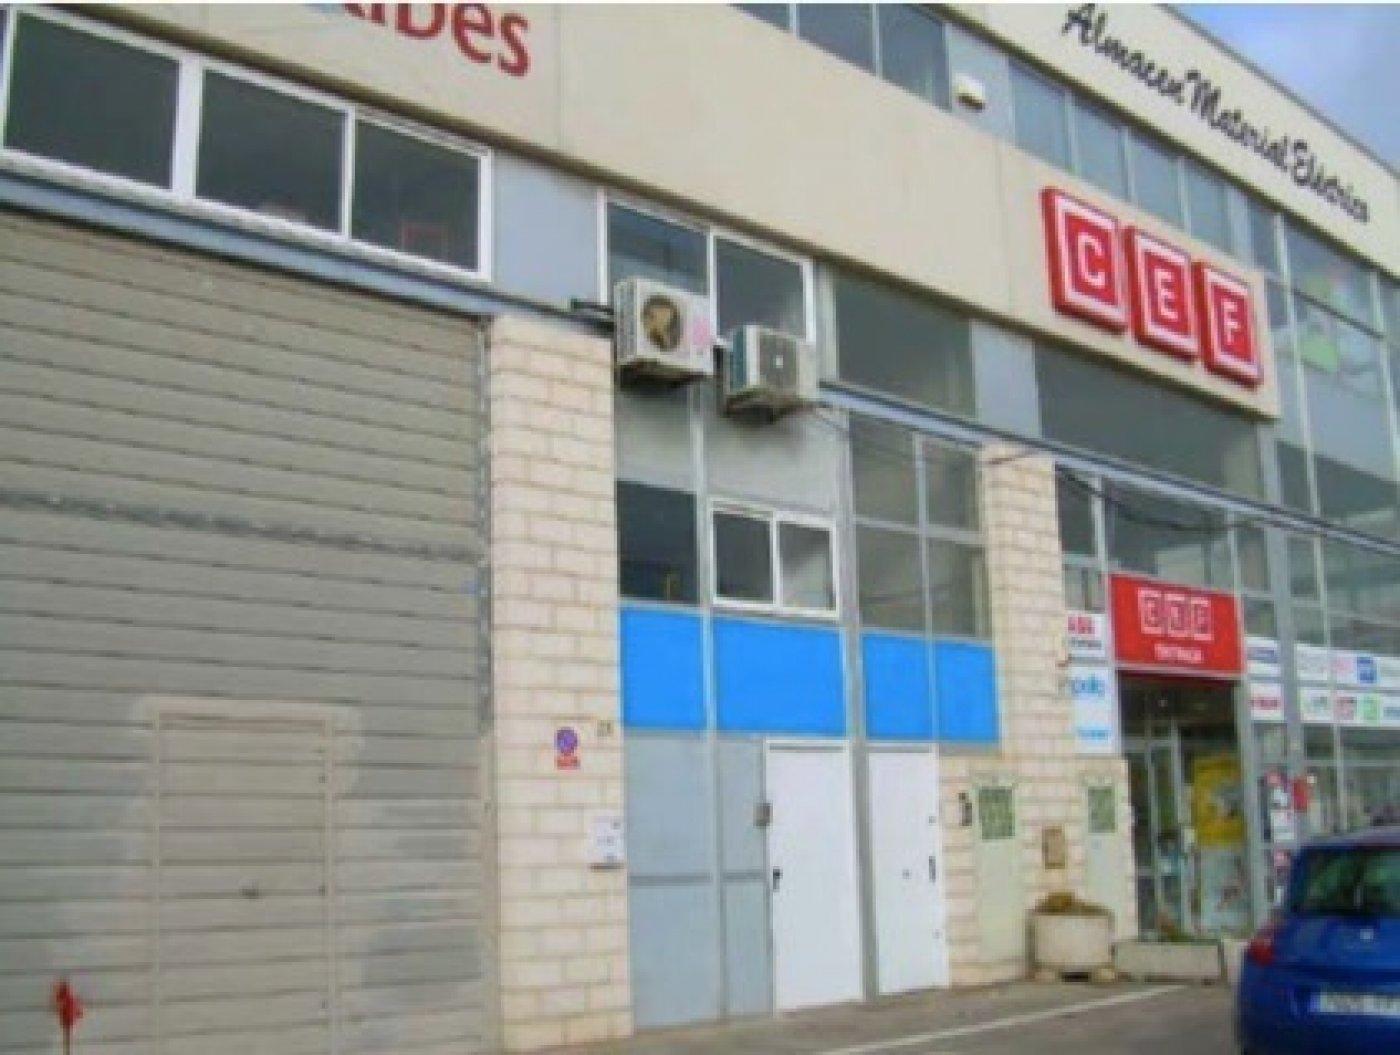 Oficina en venta en avenida benieto c/ transport , 32-uno, 46702, gandia (valencia) - imagenInmueble3